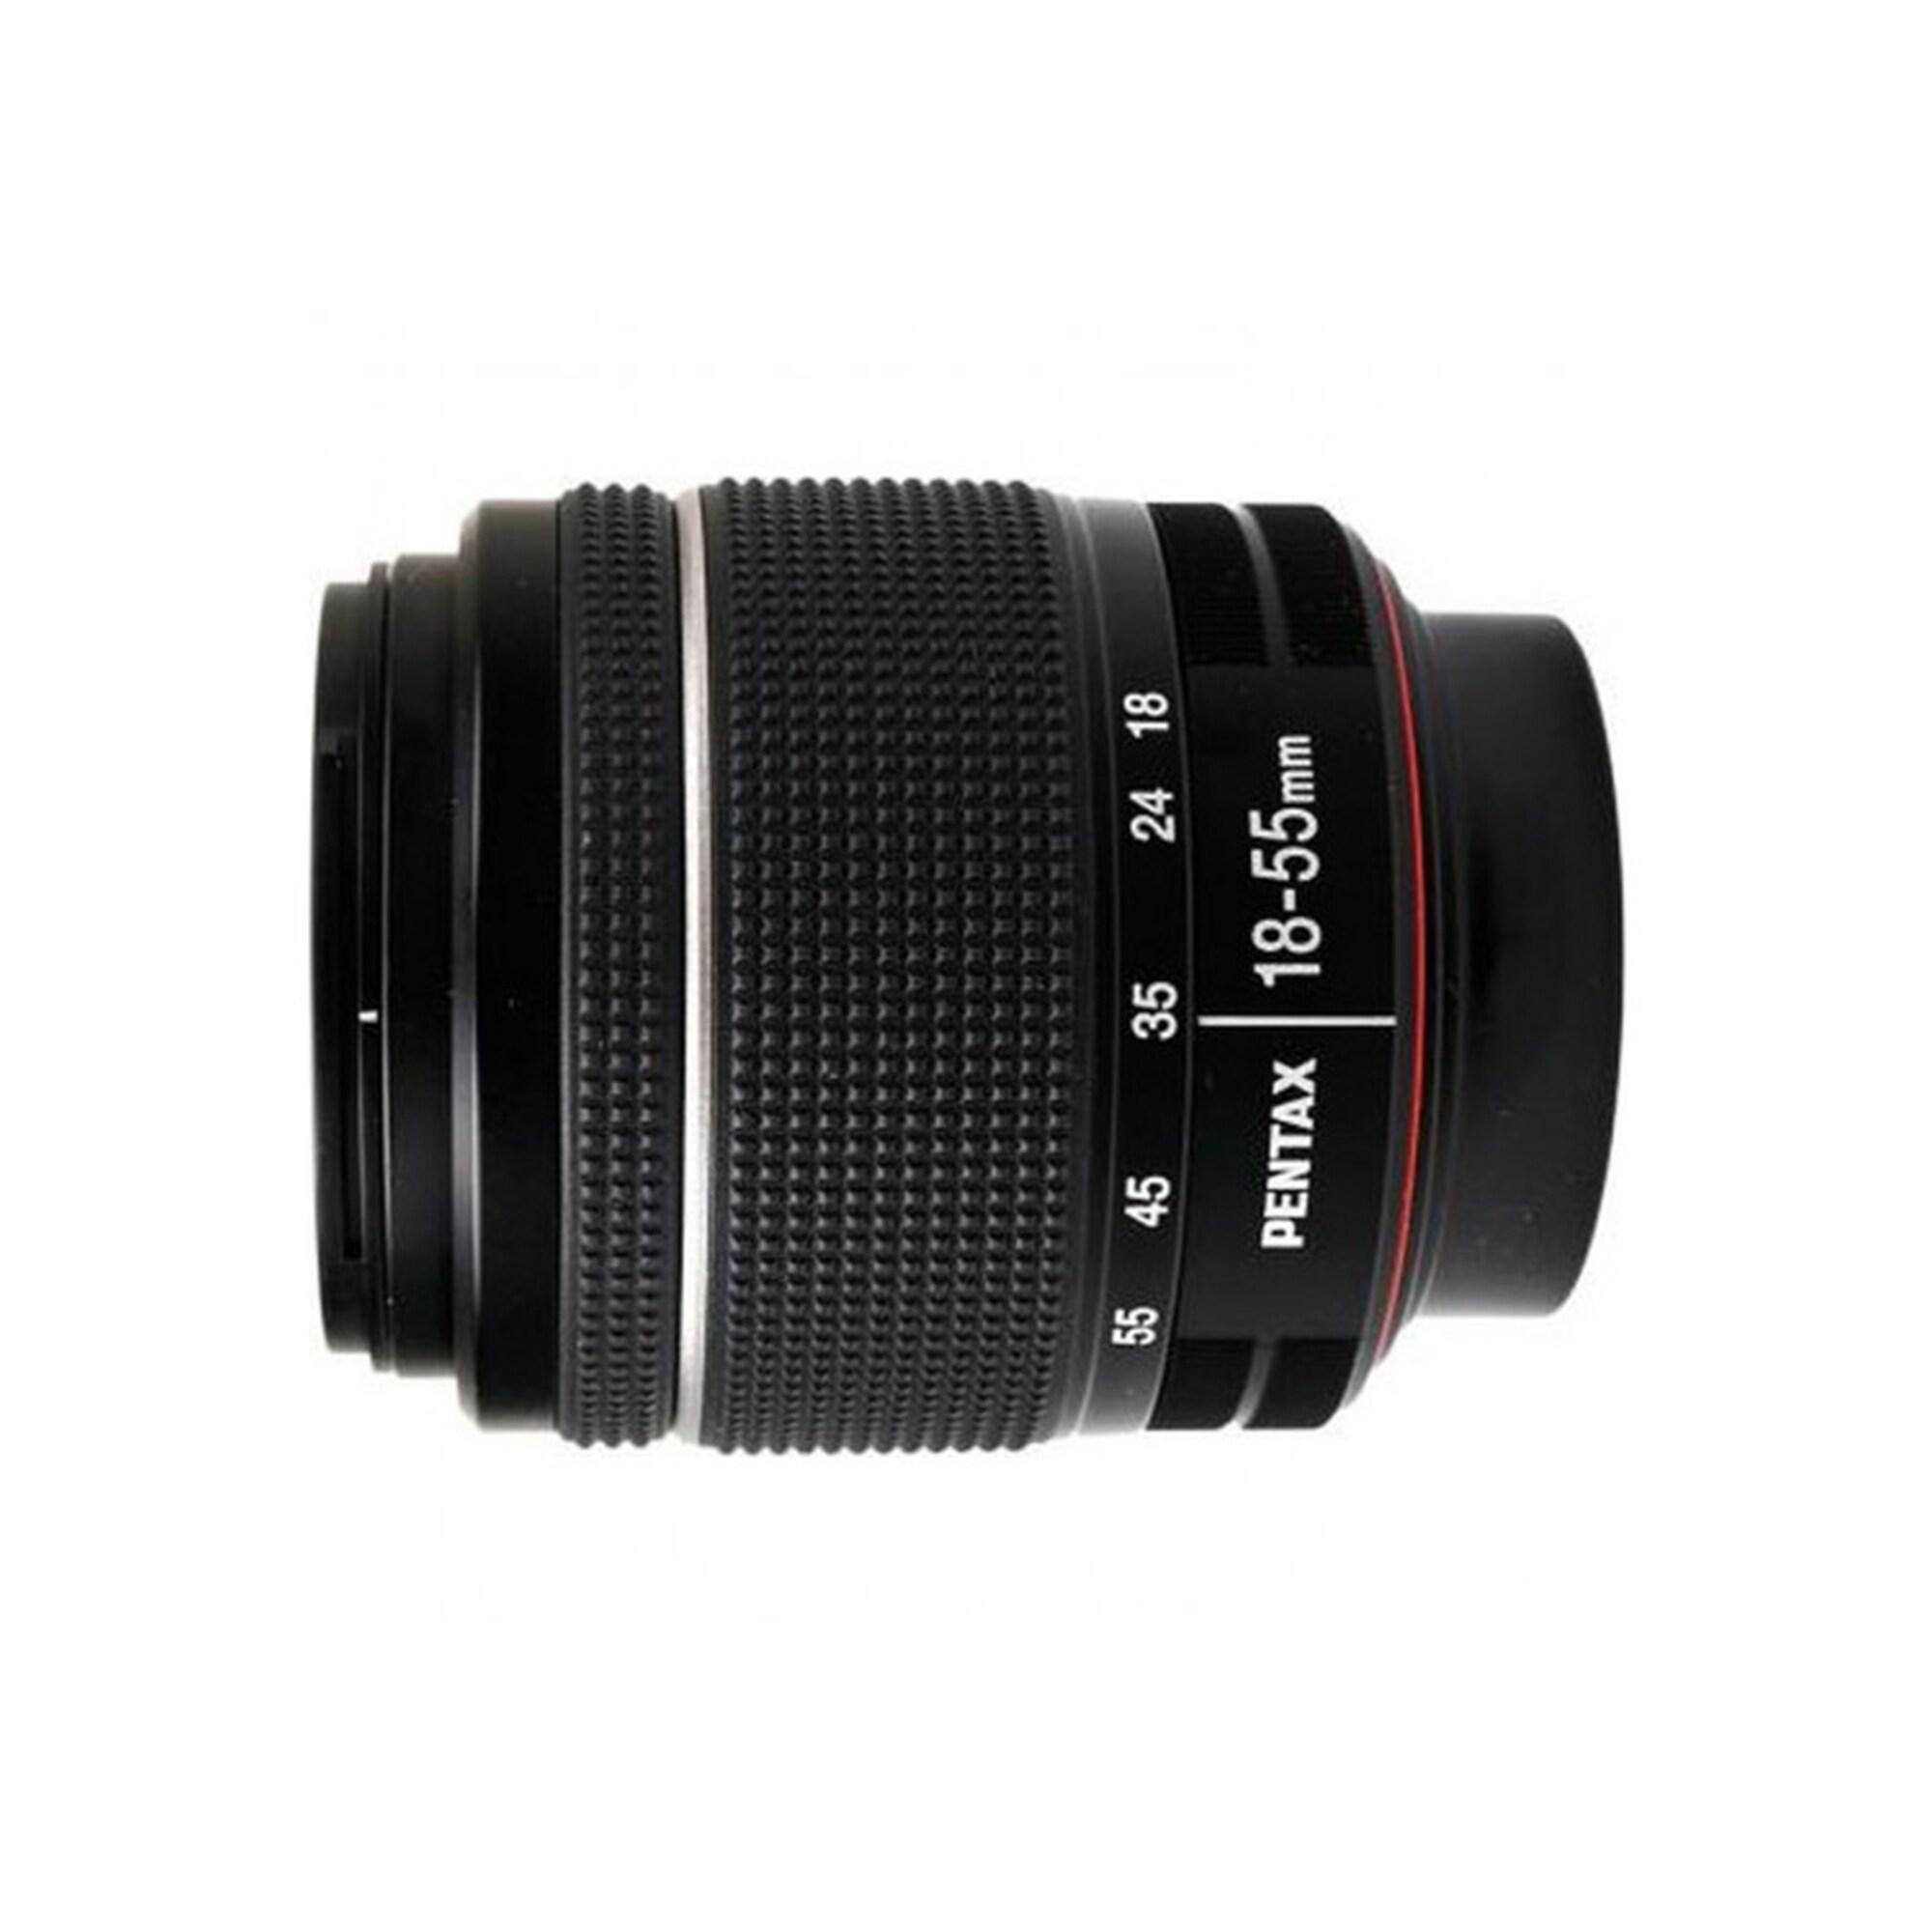 Pentax DA L 18-55 f/3.5-5.6 AL WR -DEMOEX